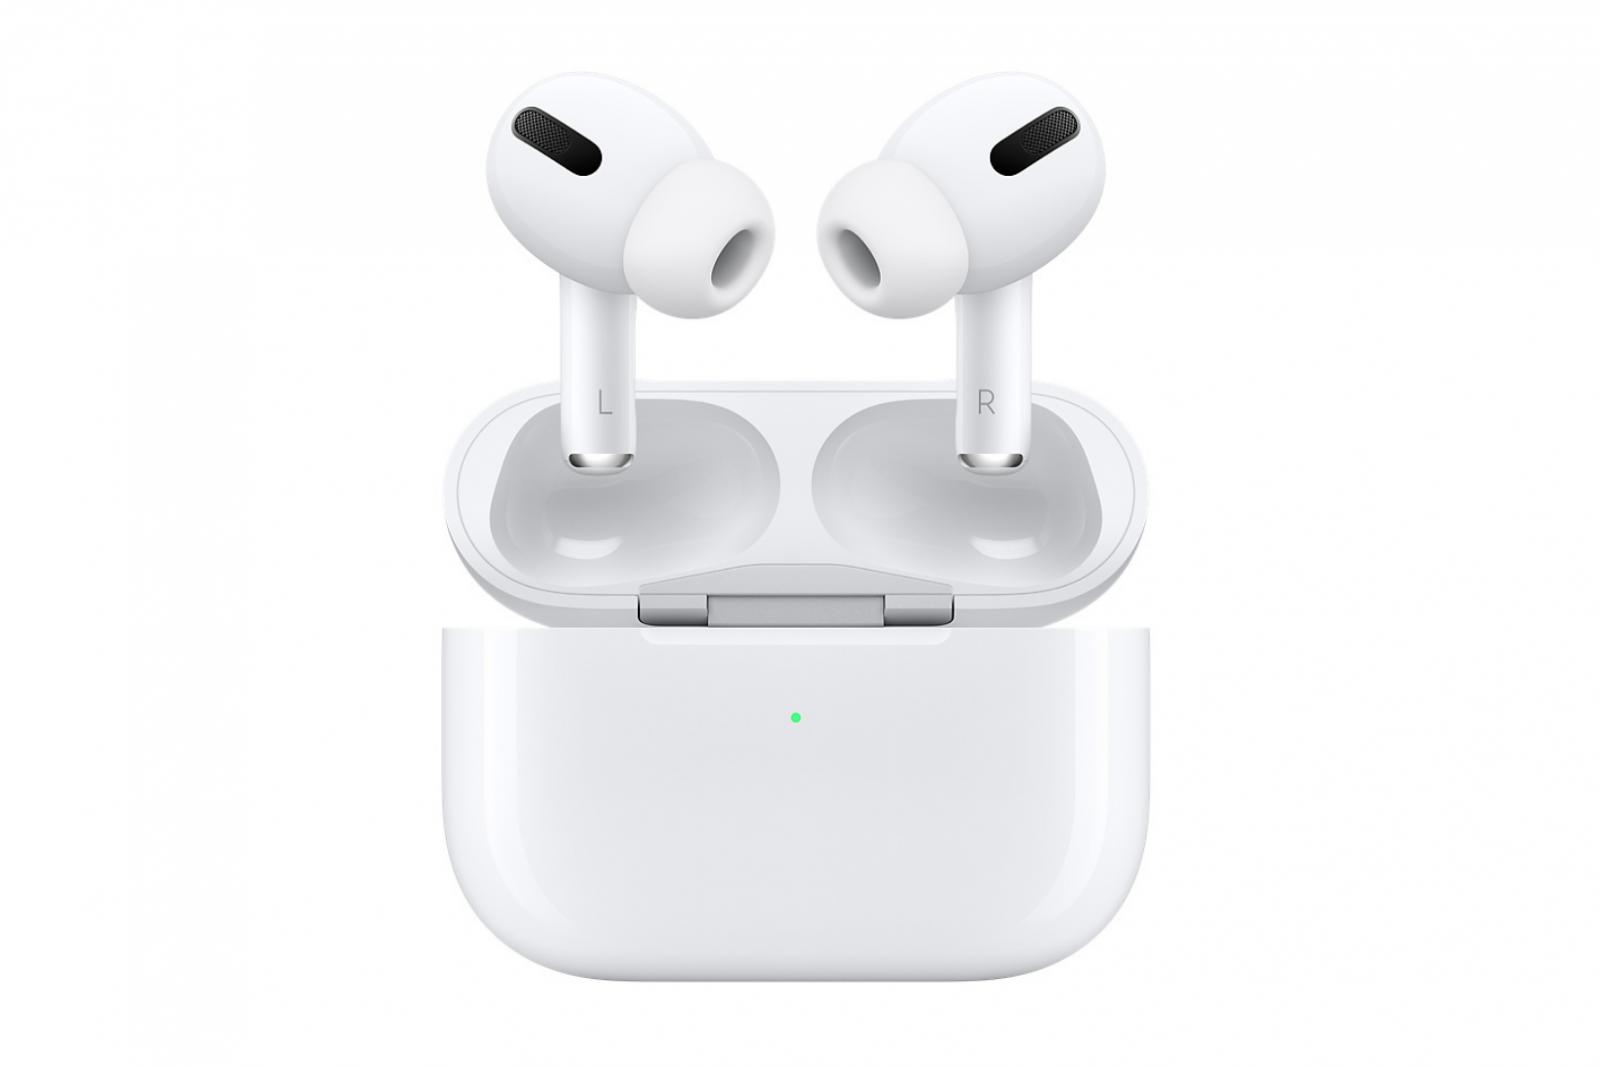 抗噪耳機推薦Top 6!Airpods 、 Beats、小米....Bose這款耳塞是失眠救星-2